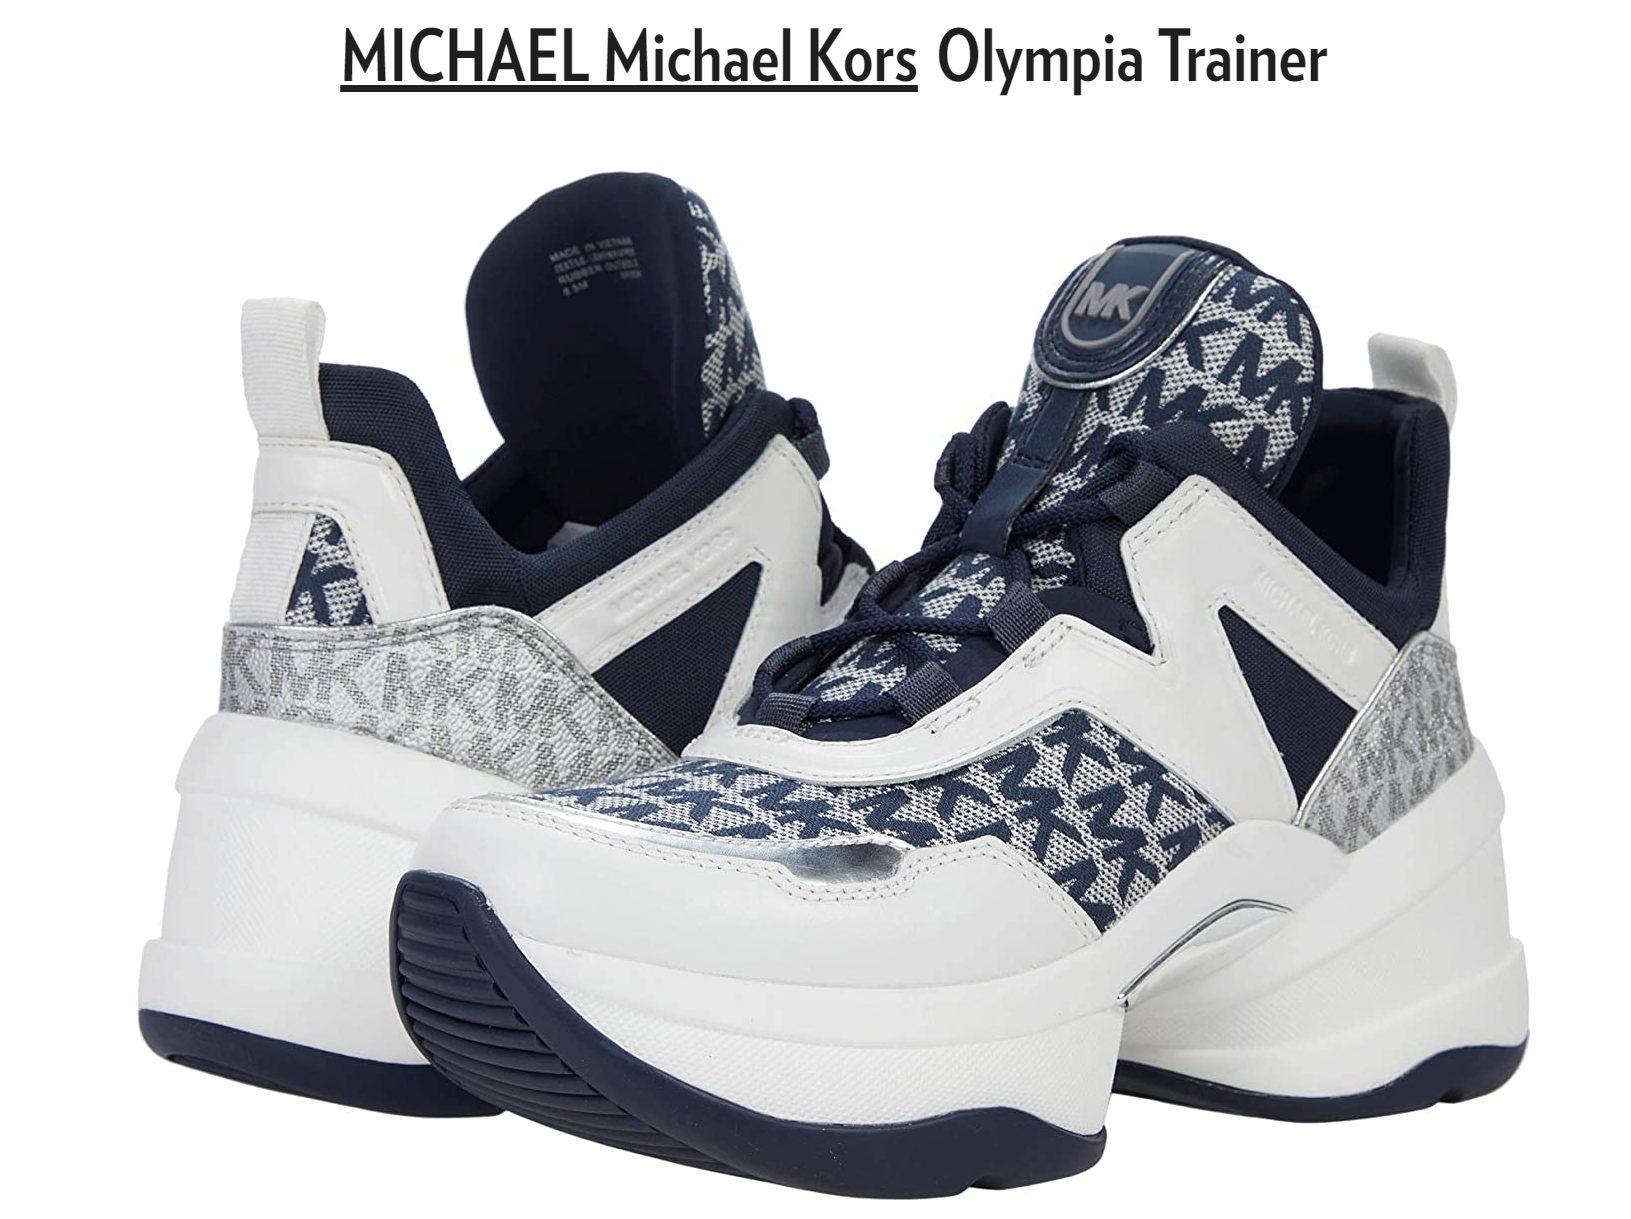 Chuyên ship order hàng xách tay giày thể thao Michael Kors